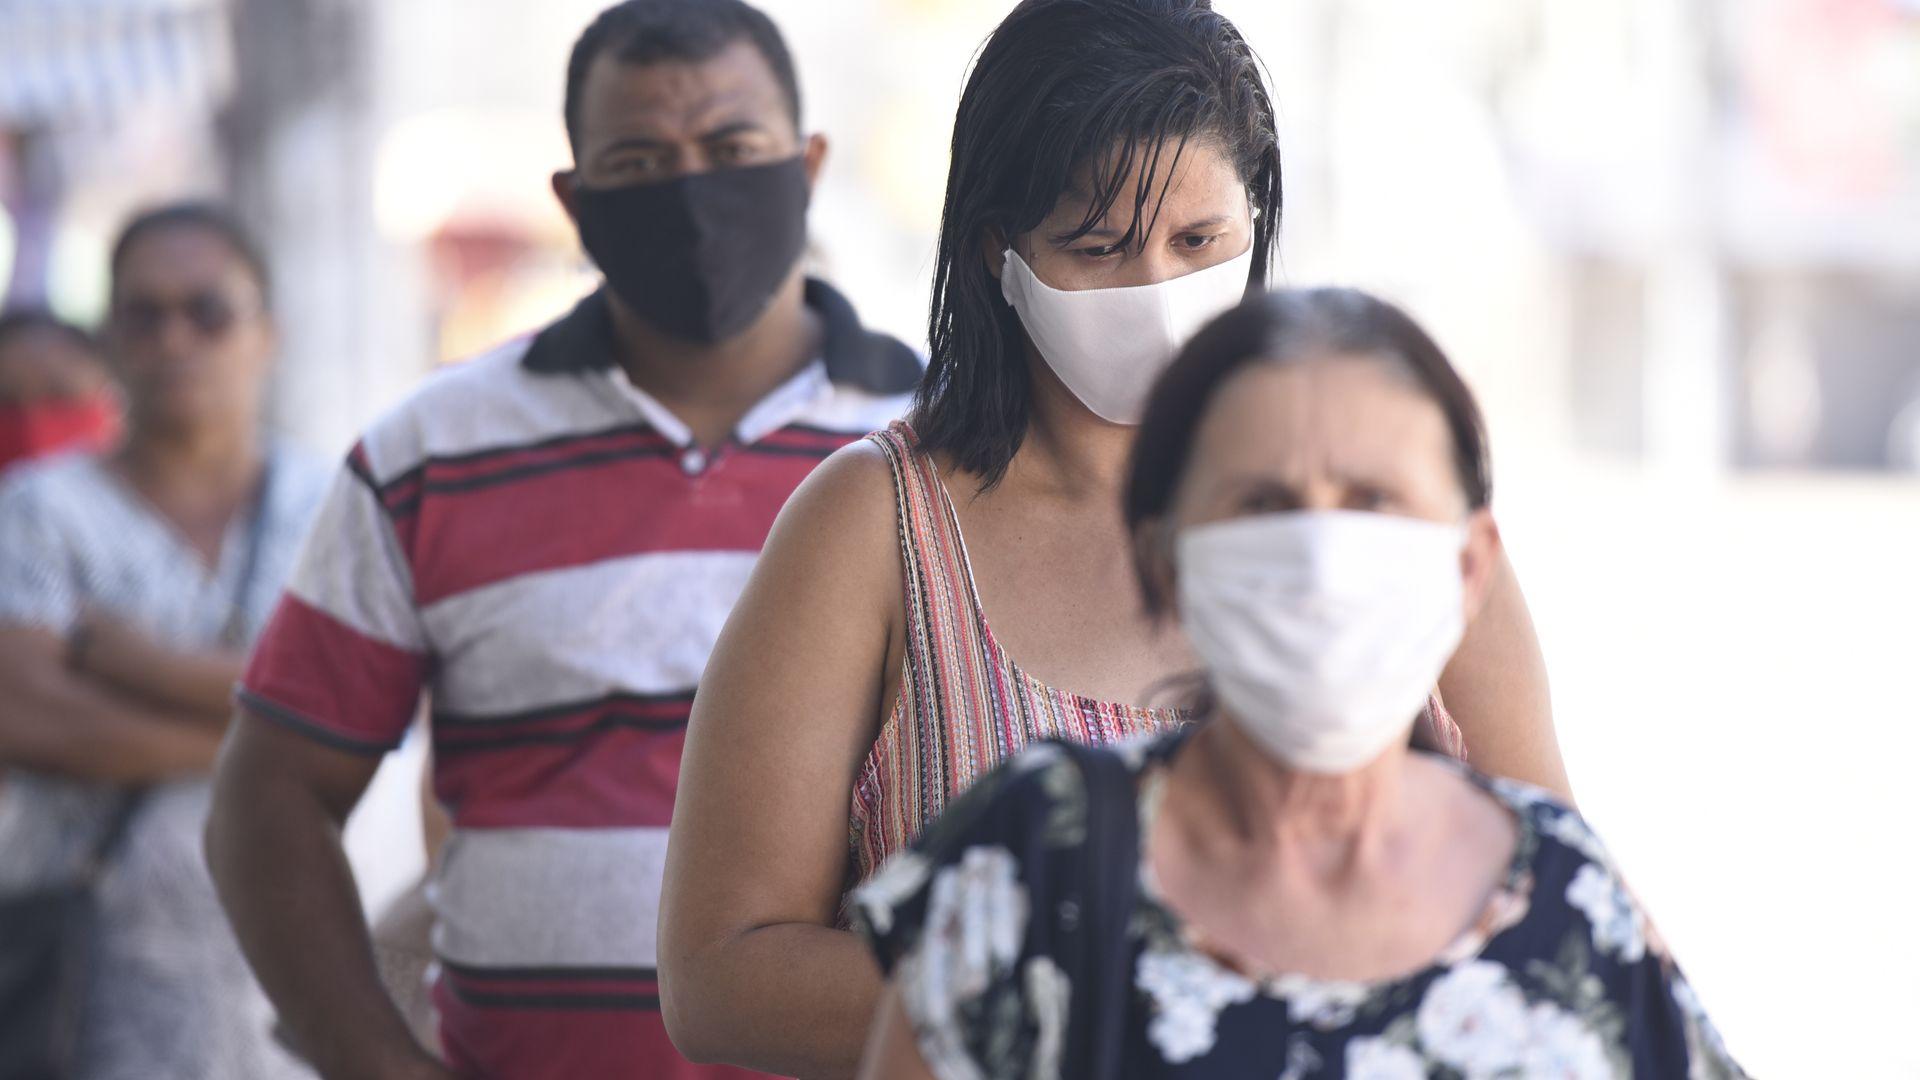 Uso de máscaras pode se tornar mais comum na sociedade pós-coronavírus